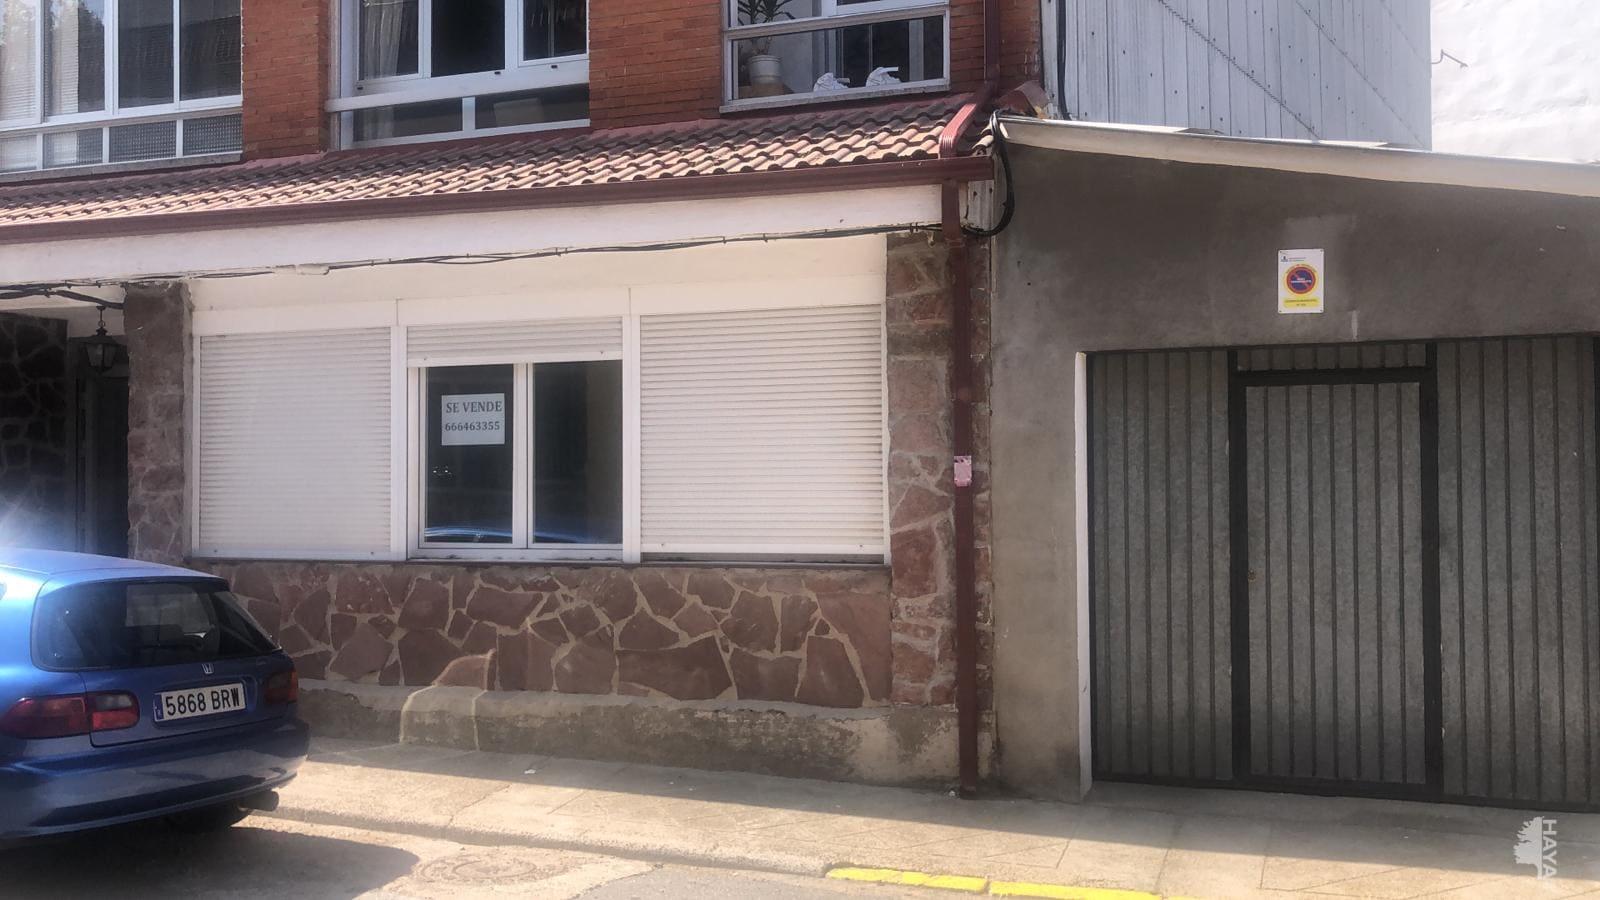 Piso en venta en Cistierna, León, Calle Manuel Echevarria, 60.200 €, 4 habitaciones, 2 baños, 102 m2